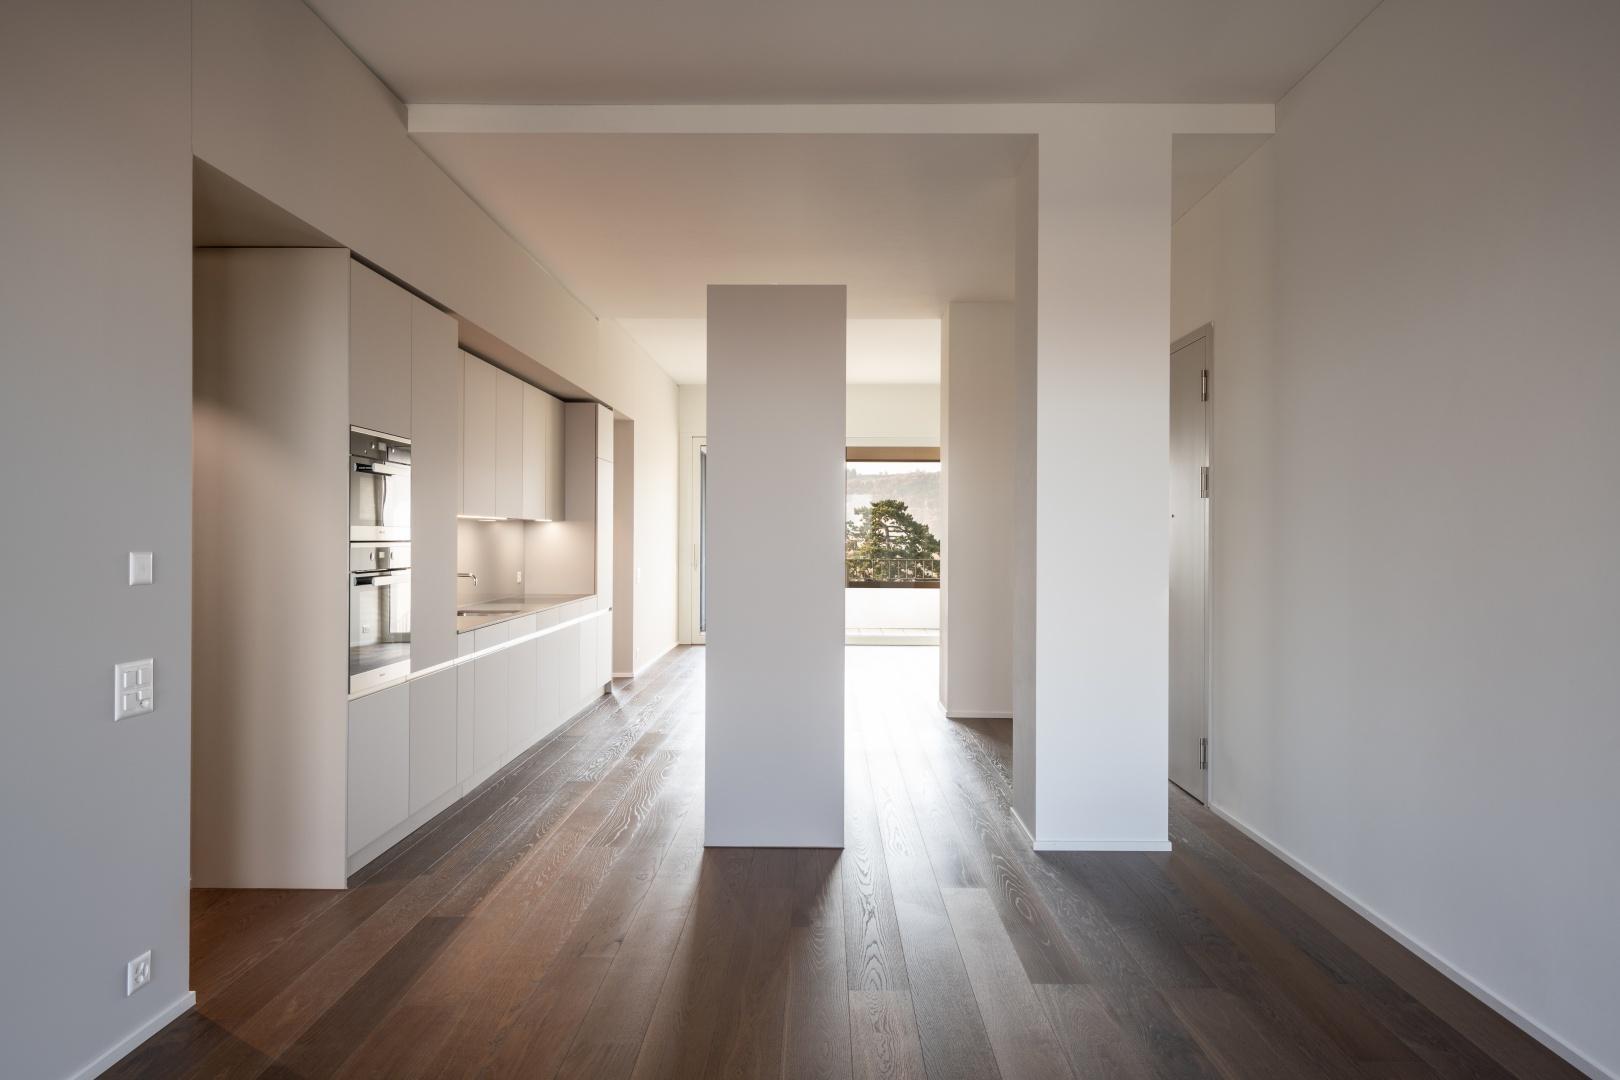 Wohnung durchgesteckt © Rob Lewis Photography, Wasserwerkgasse 29, 3011 Bern